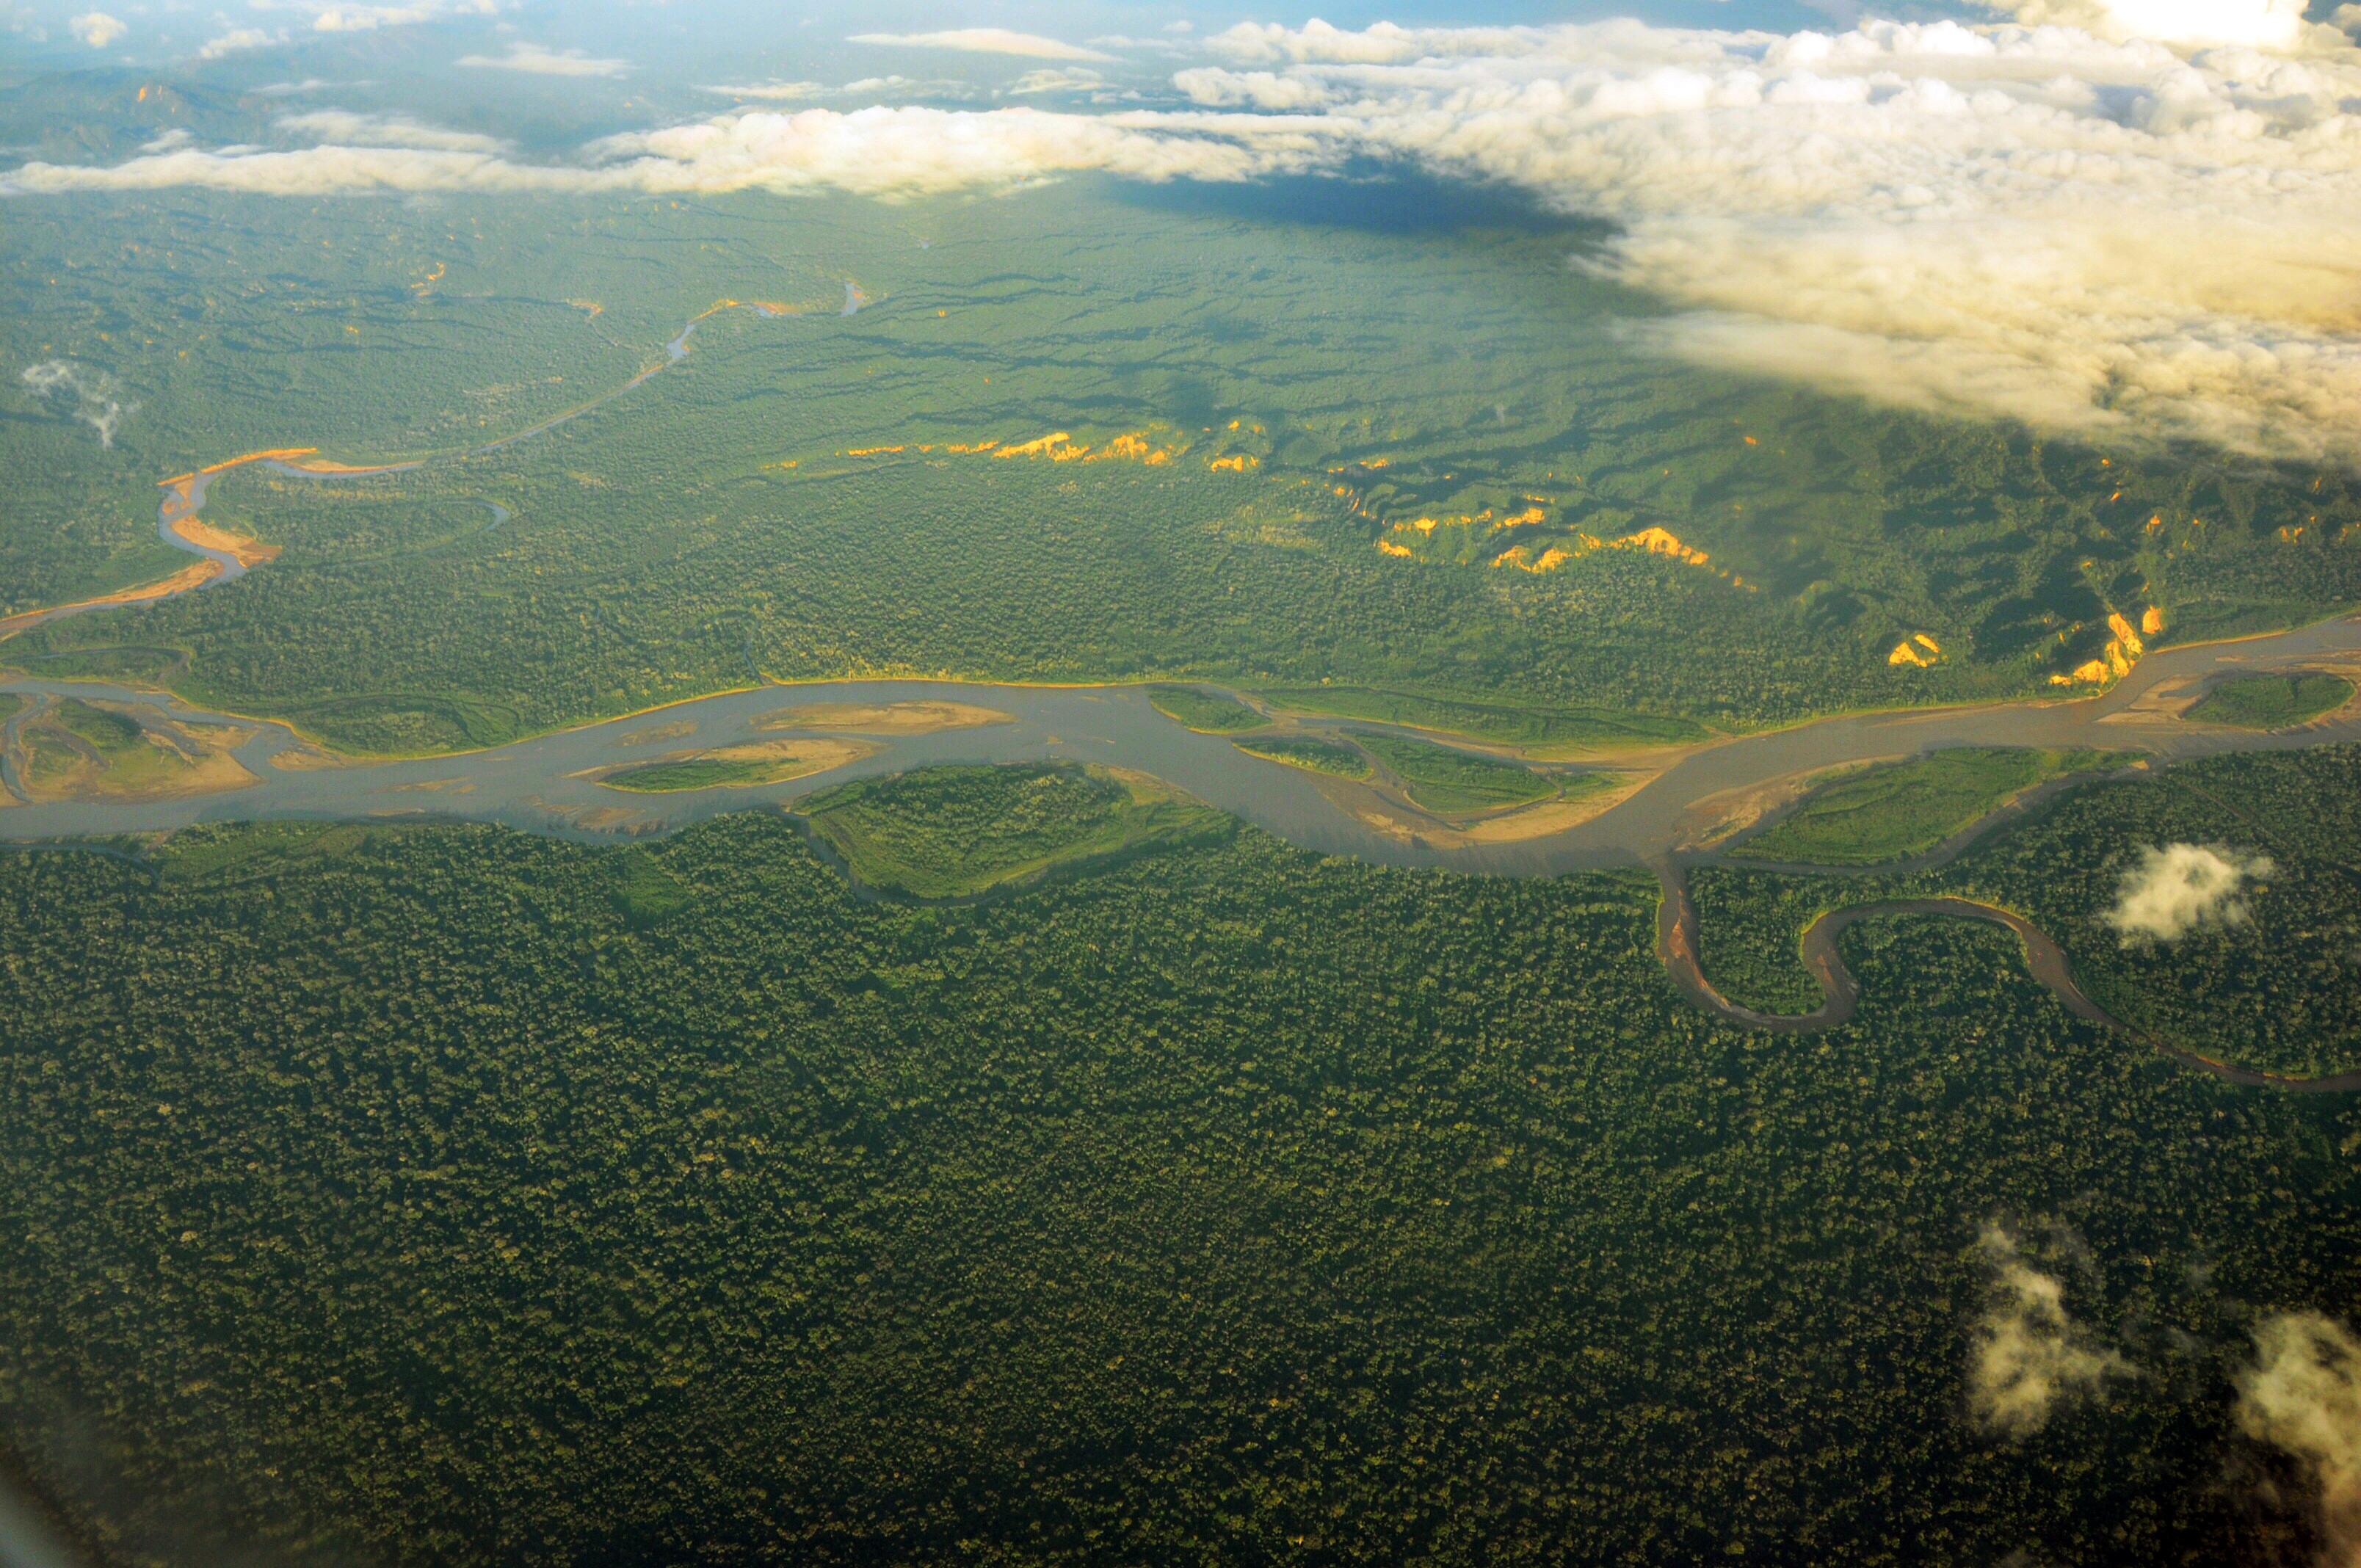 Das bolivianische Tiefland